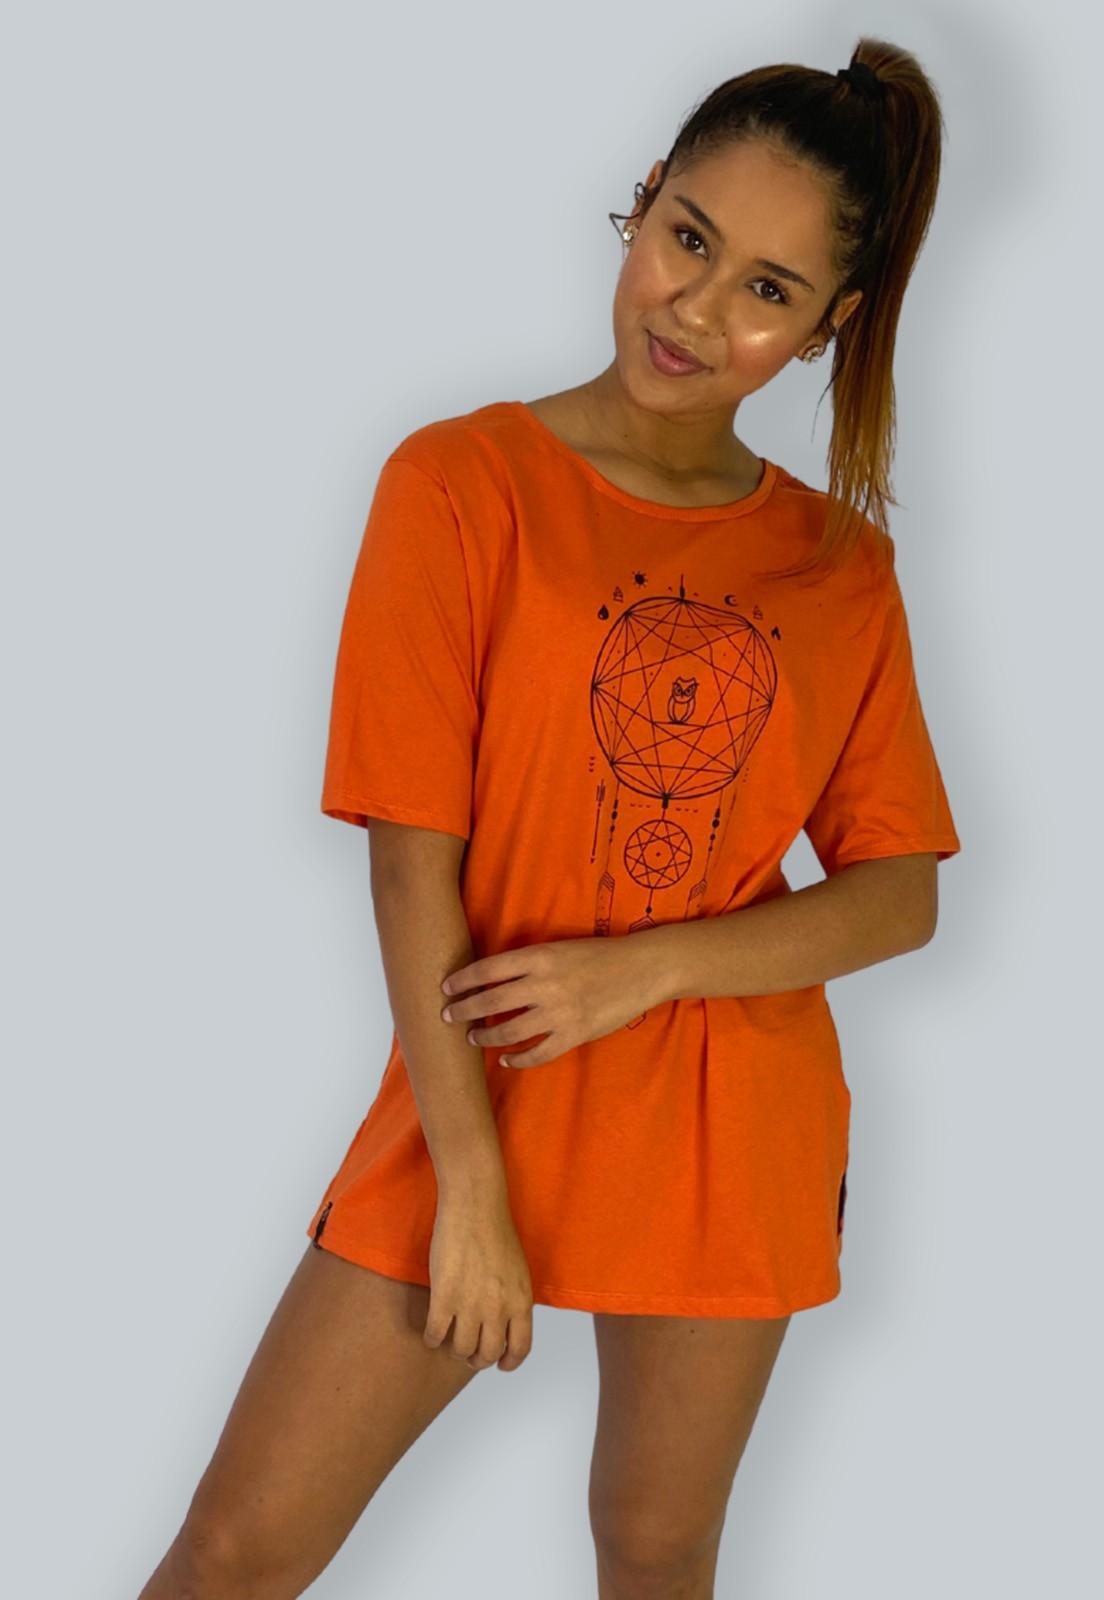 T-shirt Nogah Filtro dos Sonhos